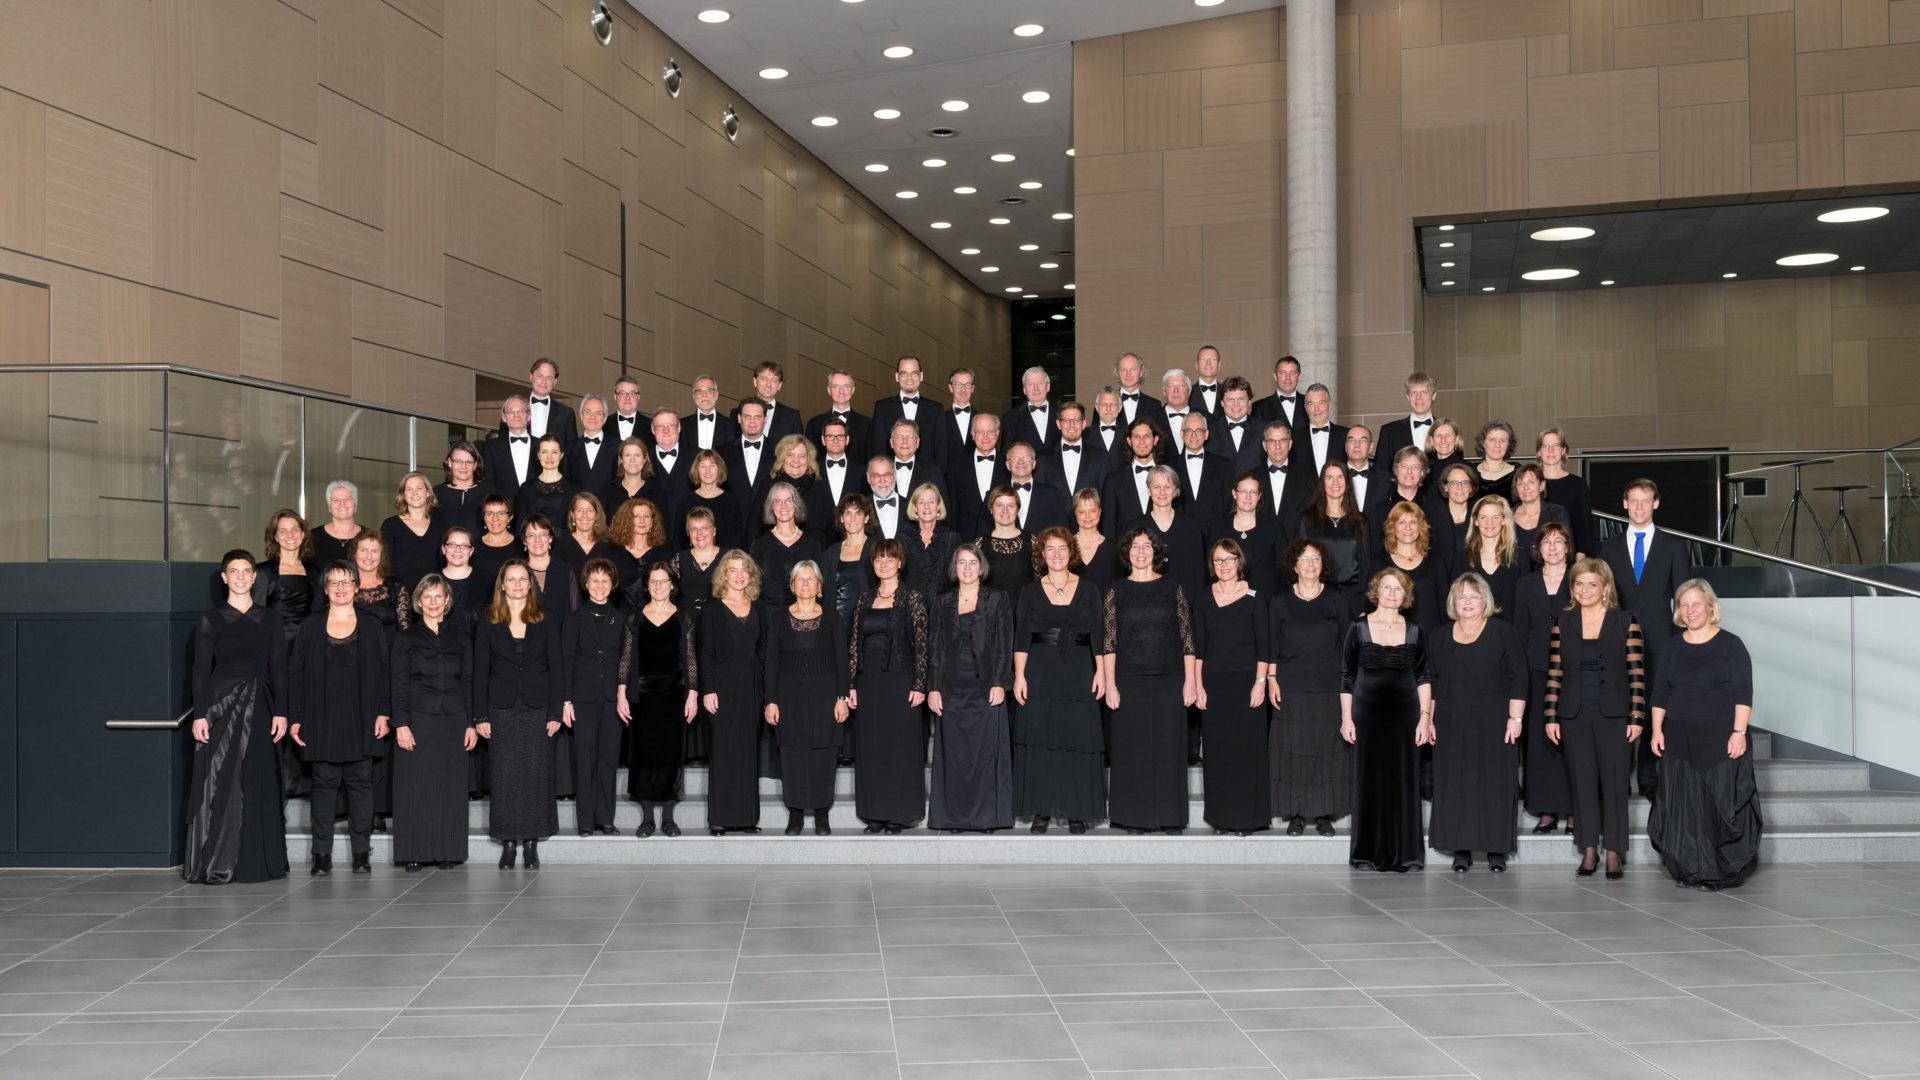 Rheinischer Kultursommer, Philharmonischer Chor der Stadt Bonn, © Susanne Fern